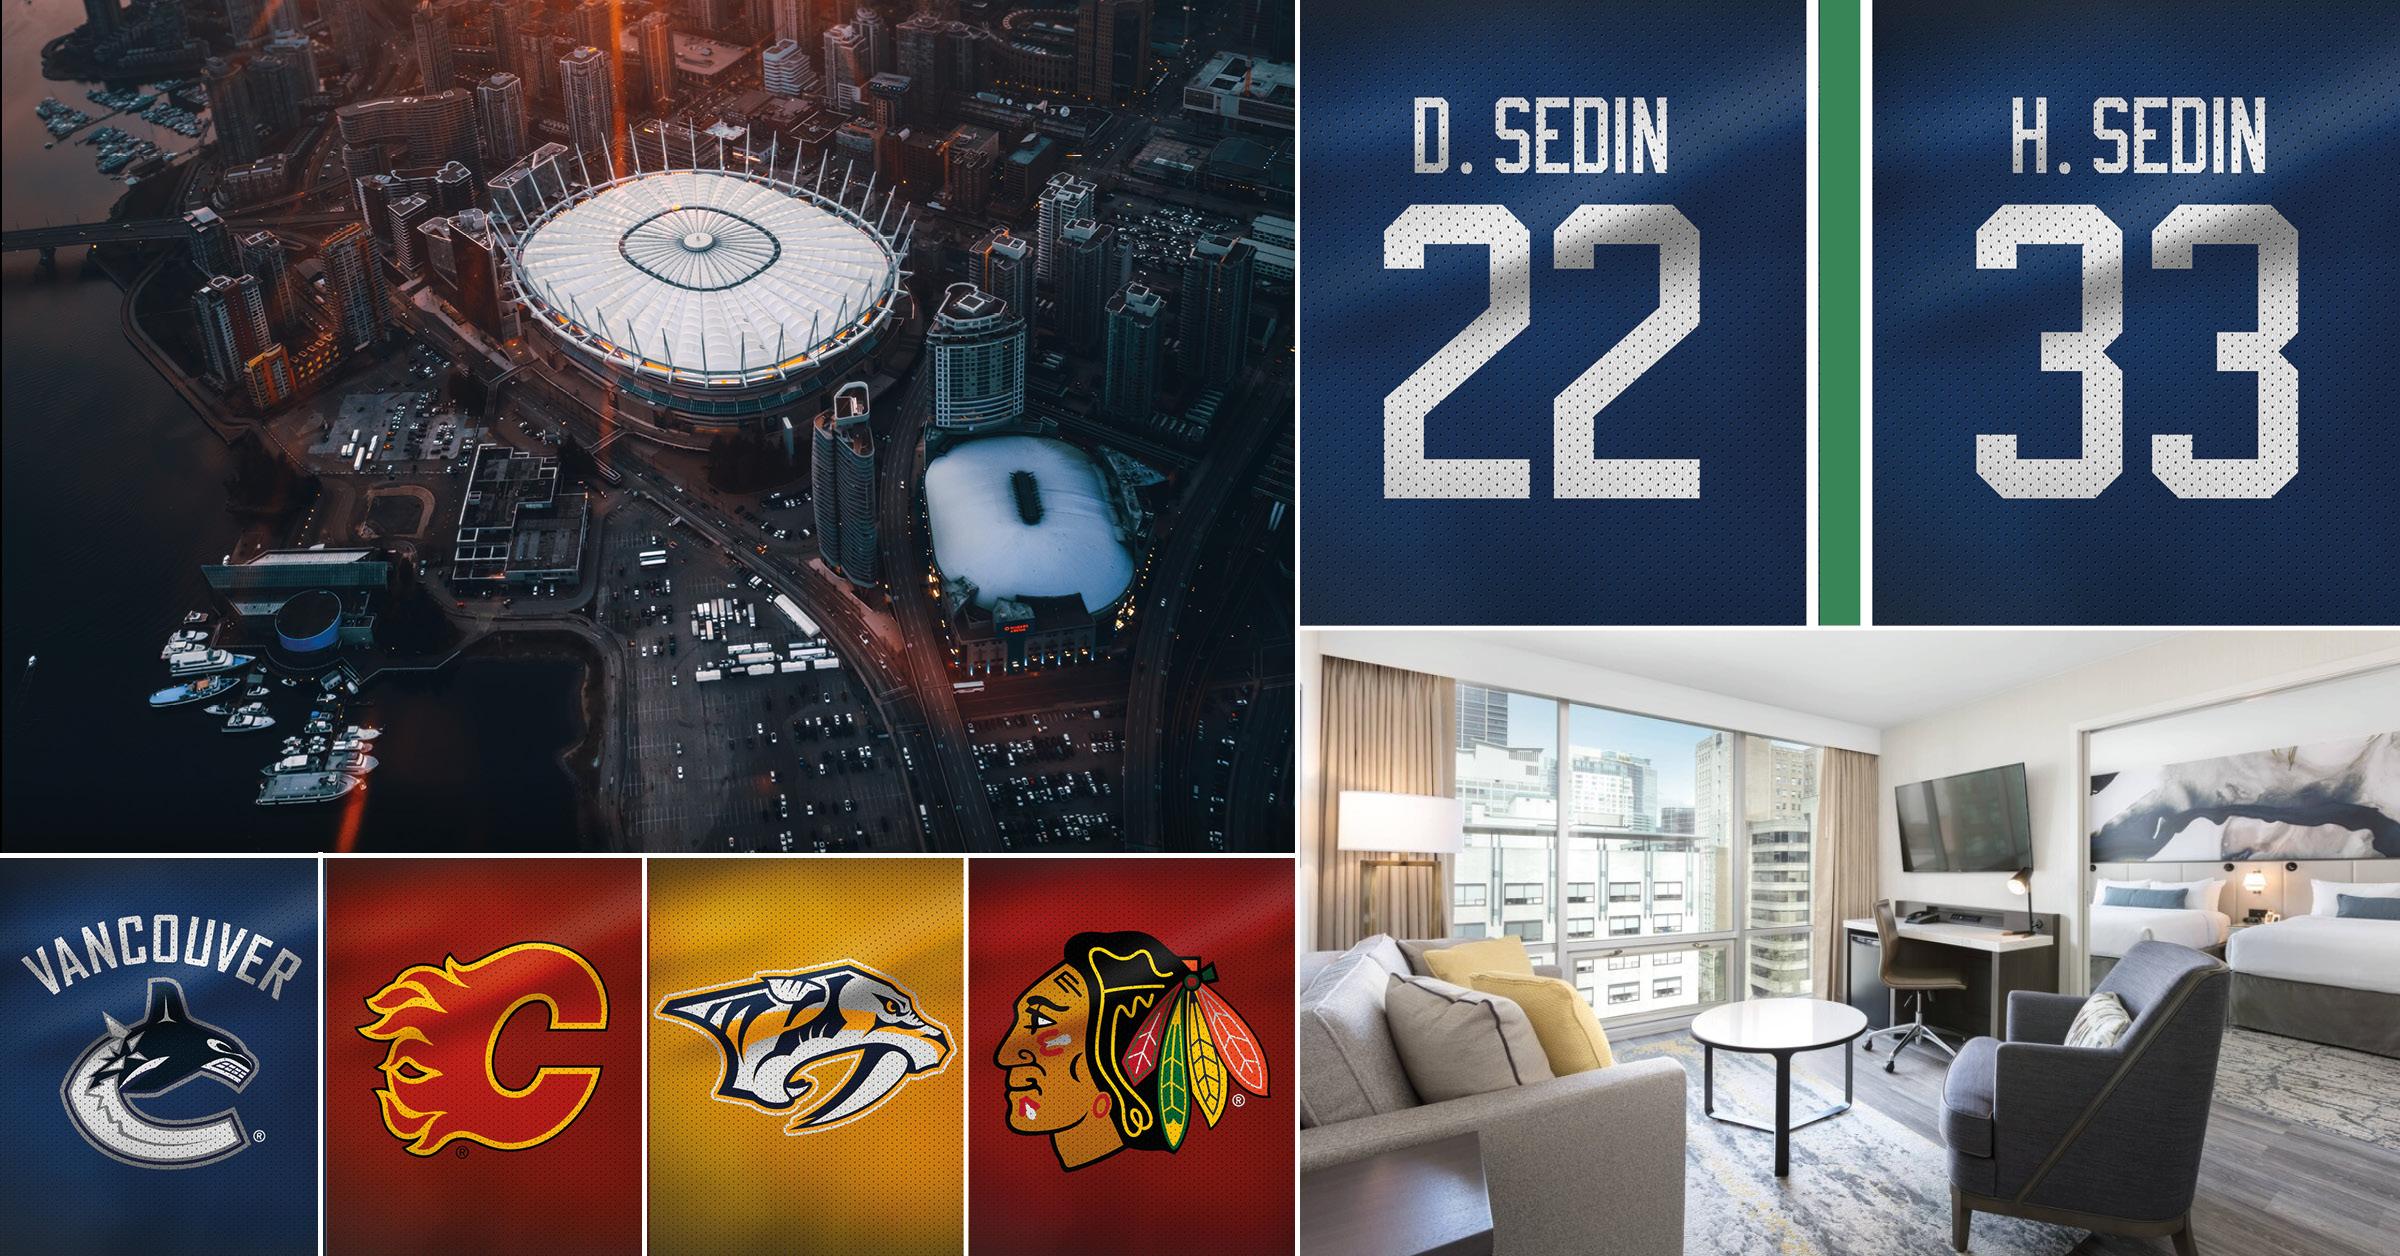 NHL-resa Vancouver7-14 februari 2020 - Följ med på NHL-resa till natursköna Vancouver i Kanada. Tre matcher från världens bästa liga väntar och under den sista av dem får uppleva något unikt - bröderna Henrik och Daniel Sedins tröjhissning till taket i Rogers Arena. Paketresa med 6 nätter hotell centralt i Vancouver, stadsrundtur och inte minst matchbiljetter på nedre nivå.